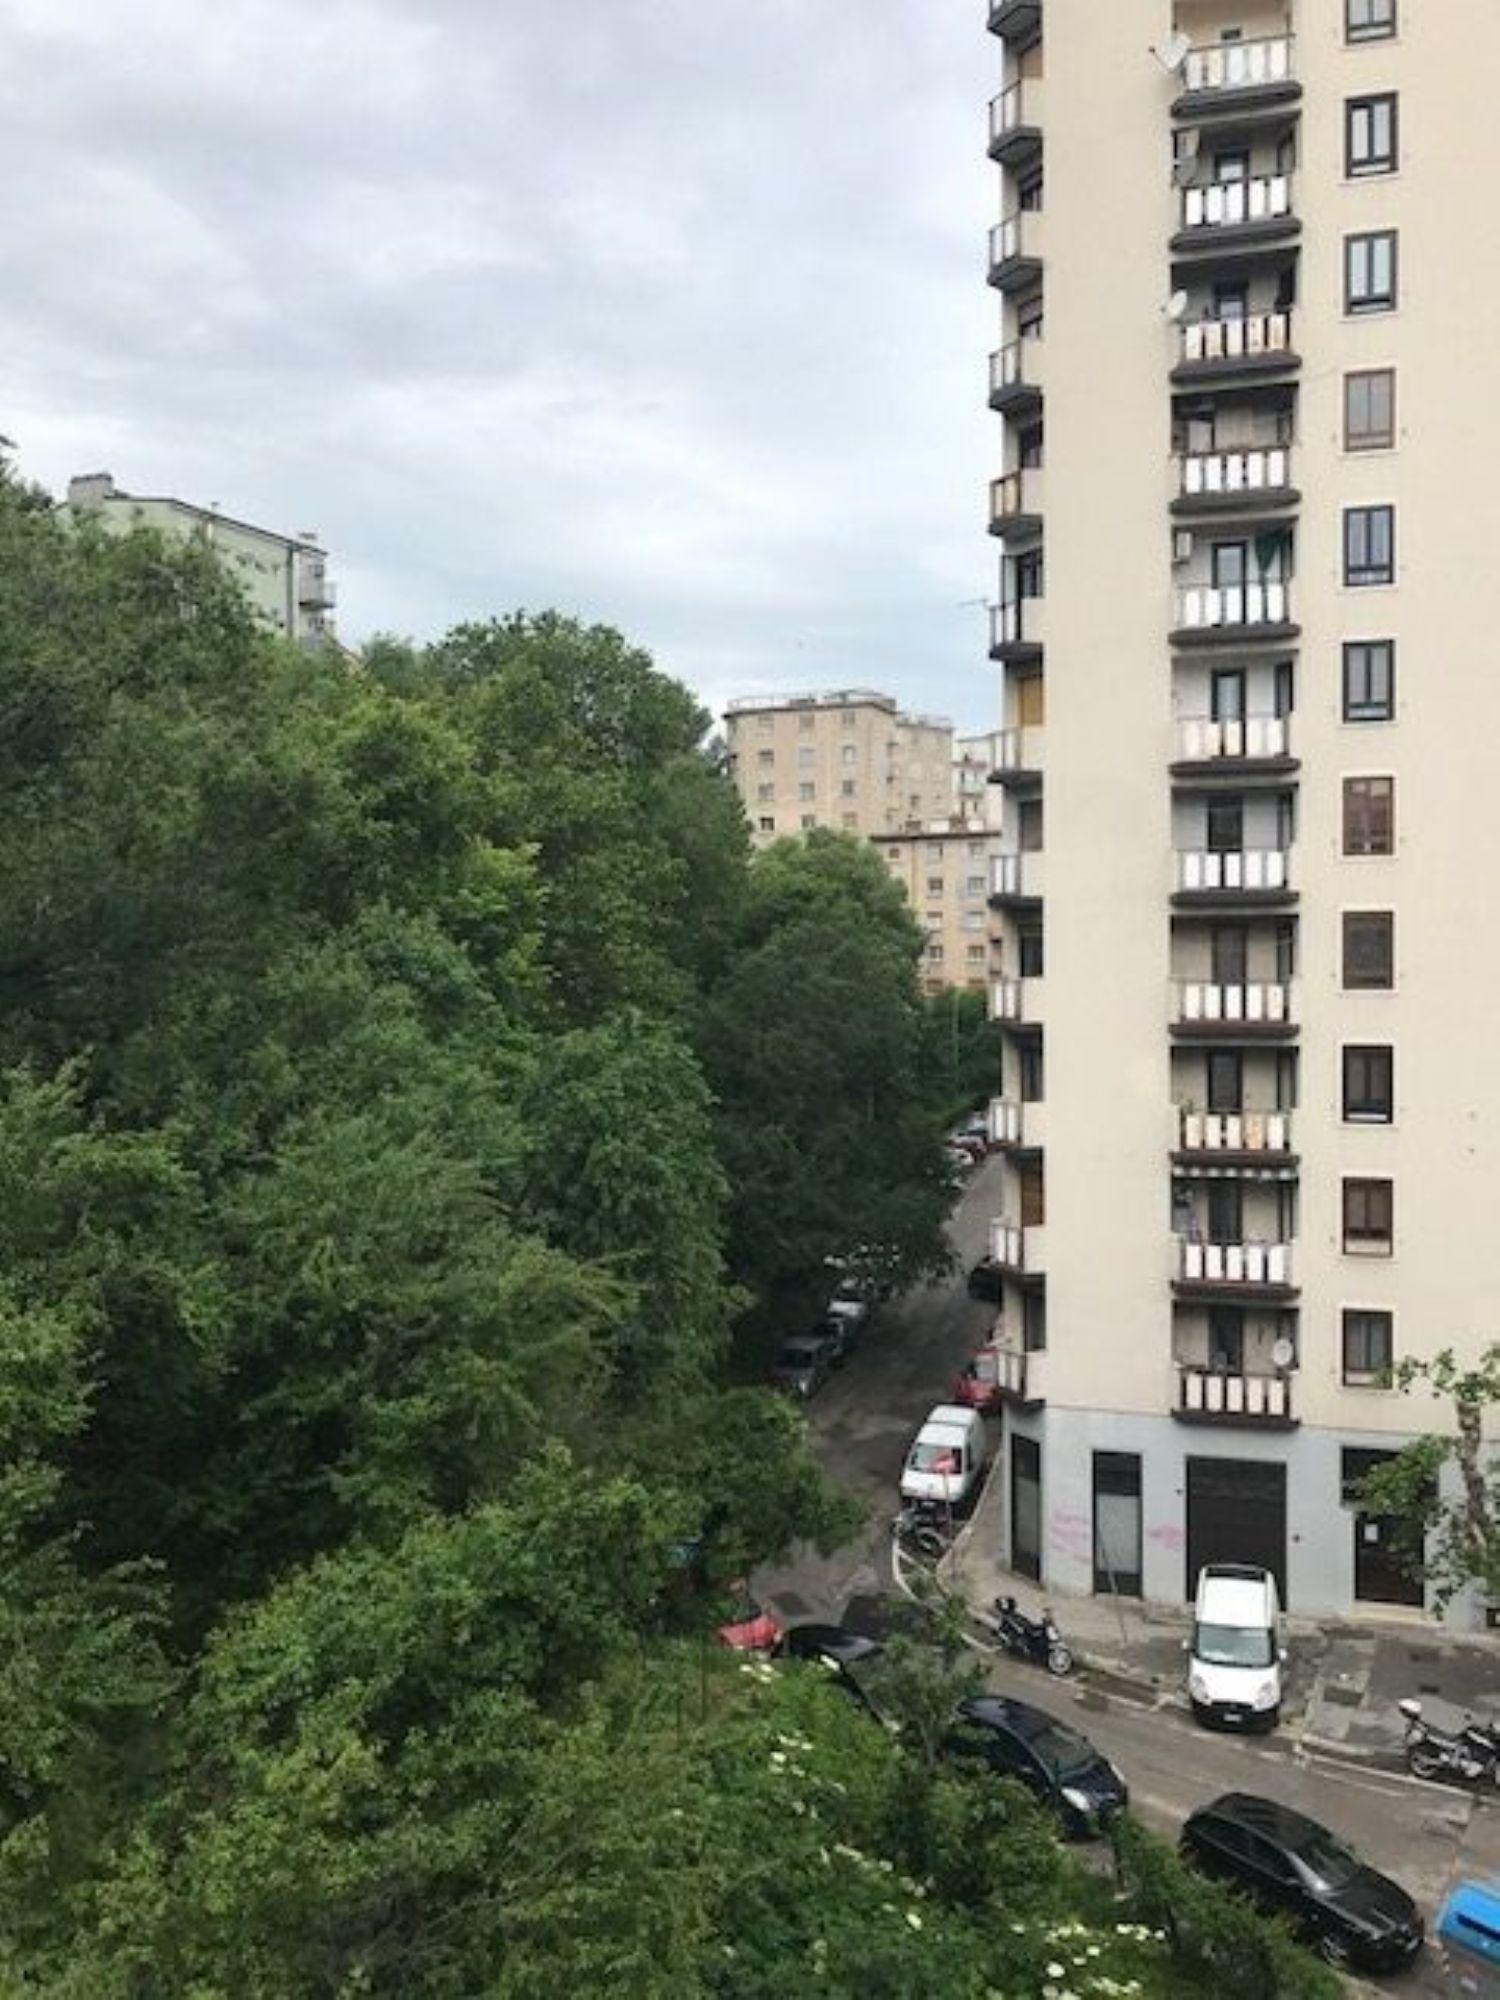 Appartamento in vendita a Trieste, 3 locali, prezzo € 59.500   Cambio Casa.it